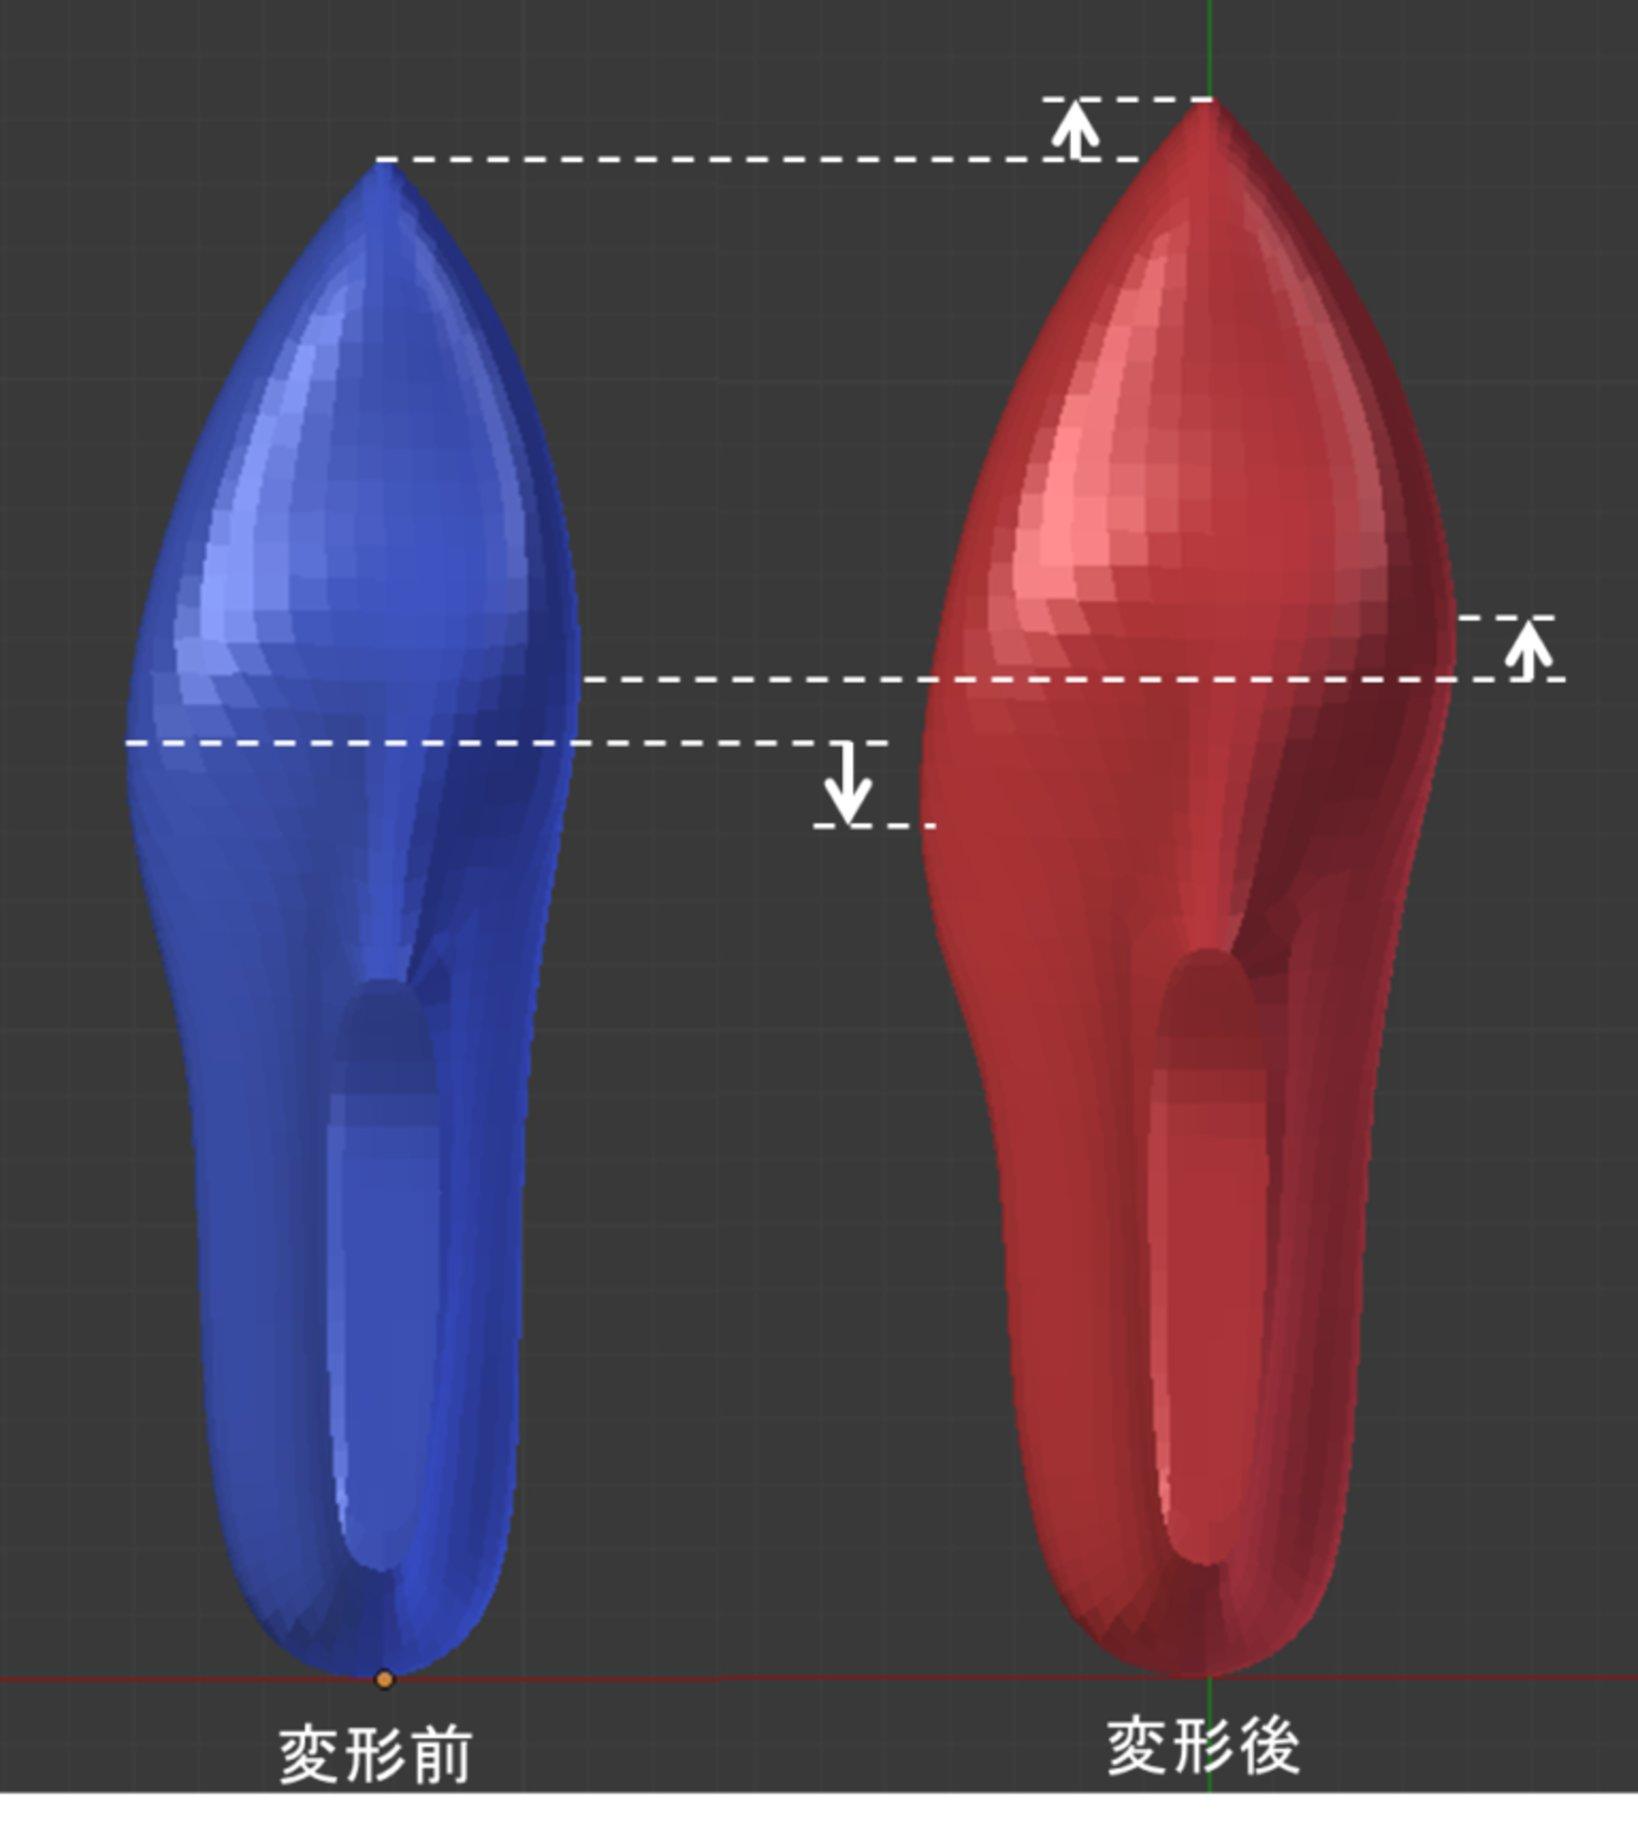 ボールジョイントの幅や足長にあわせ、マスターの木型データから変形させていく。